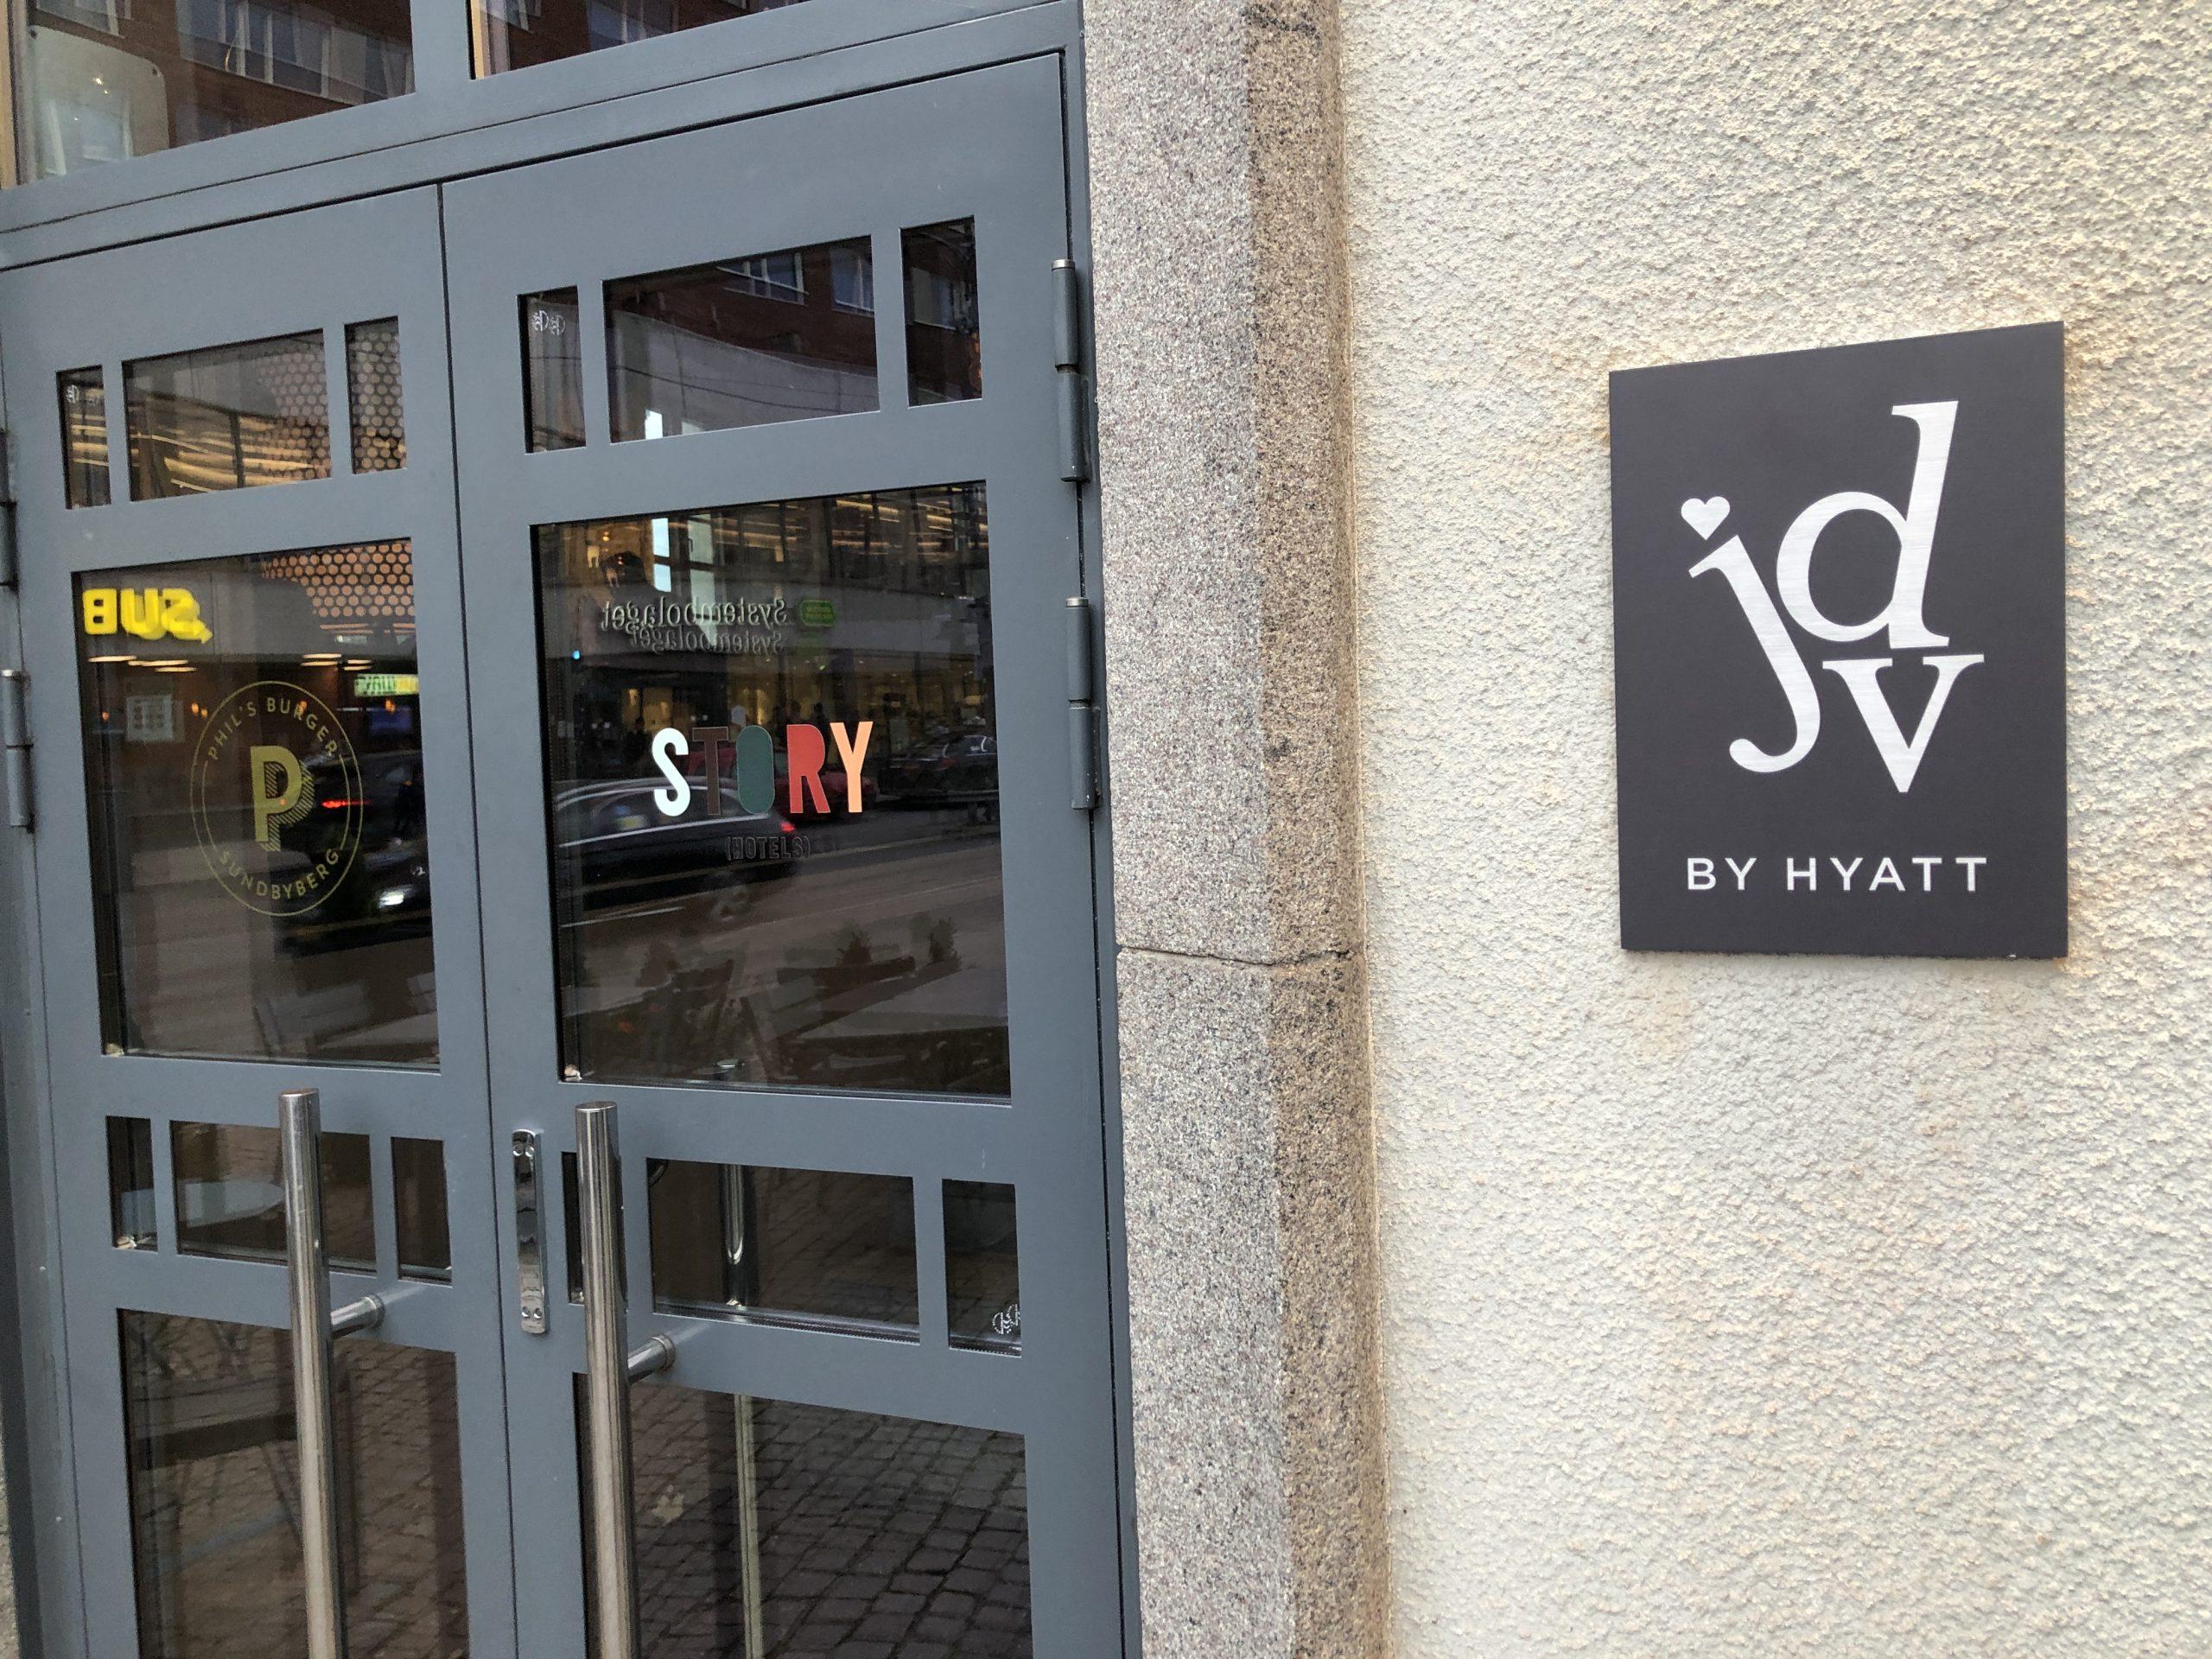 ハイアット ライフタイムグローバリストへの道#73(Story Hotel Signalfabriken, part of JdV by Hyatt)